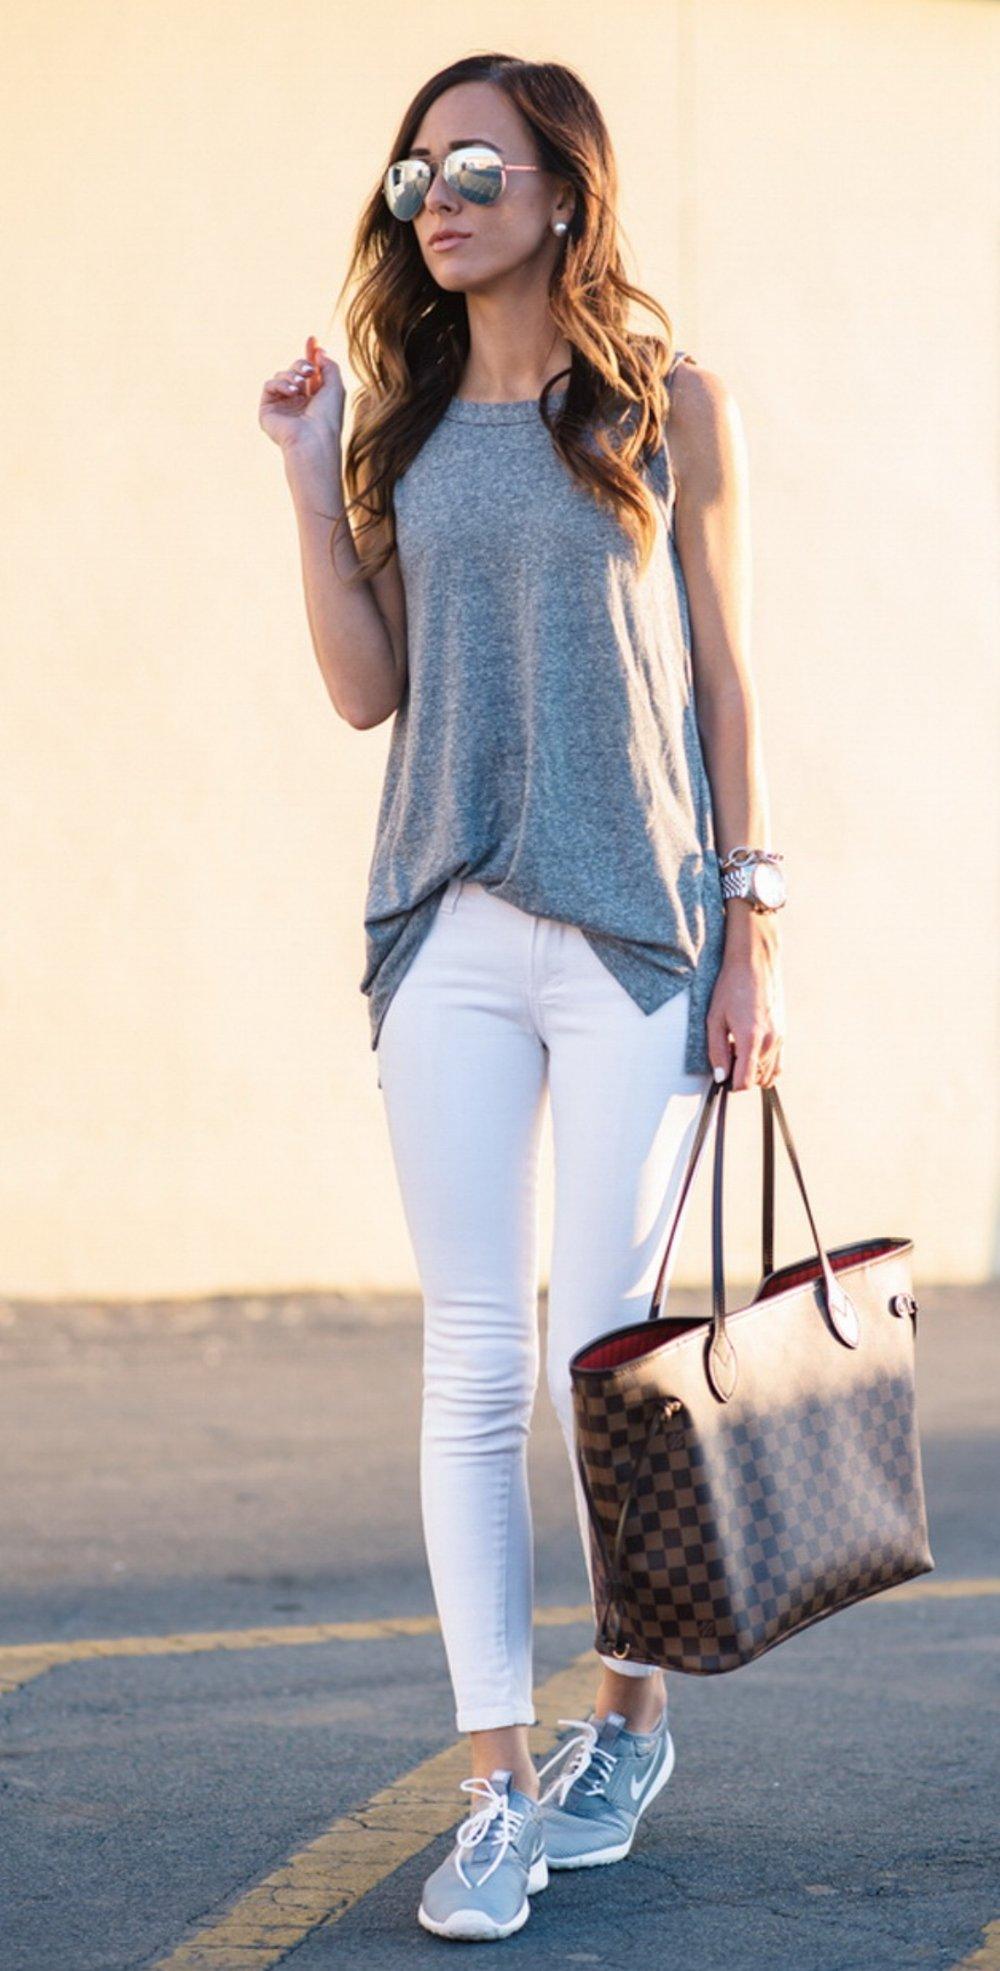 calça branca em looks cheios de estilo